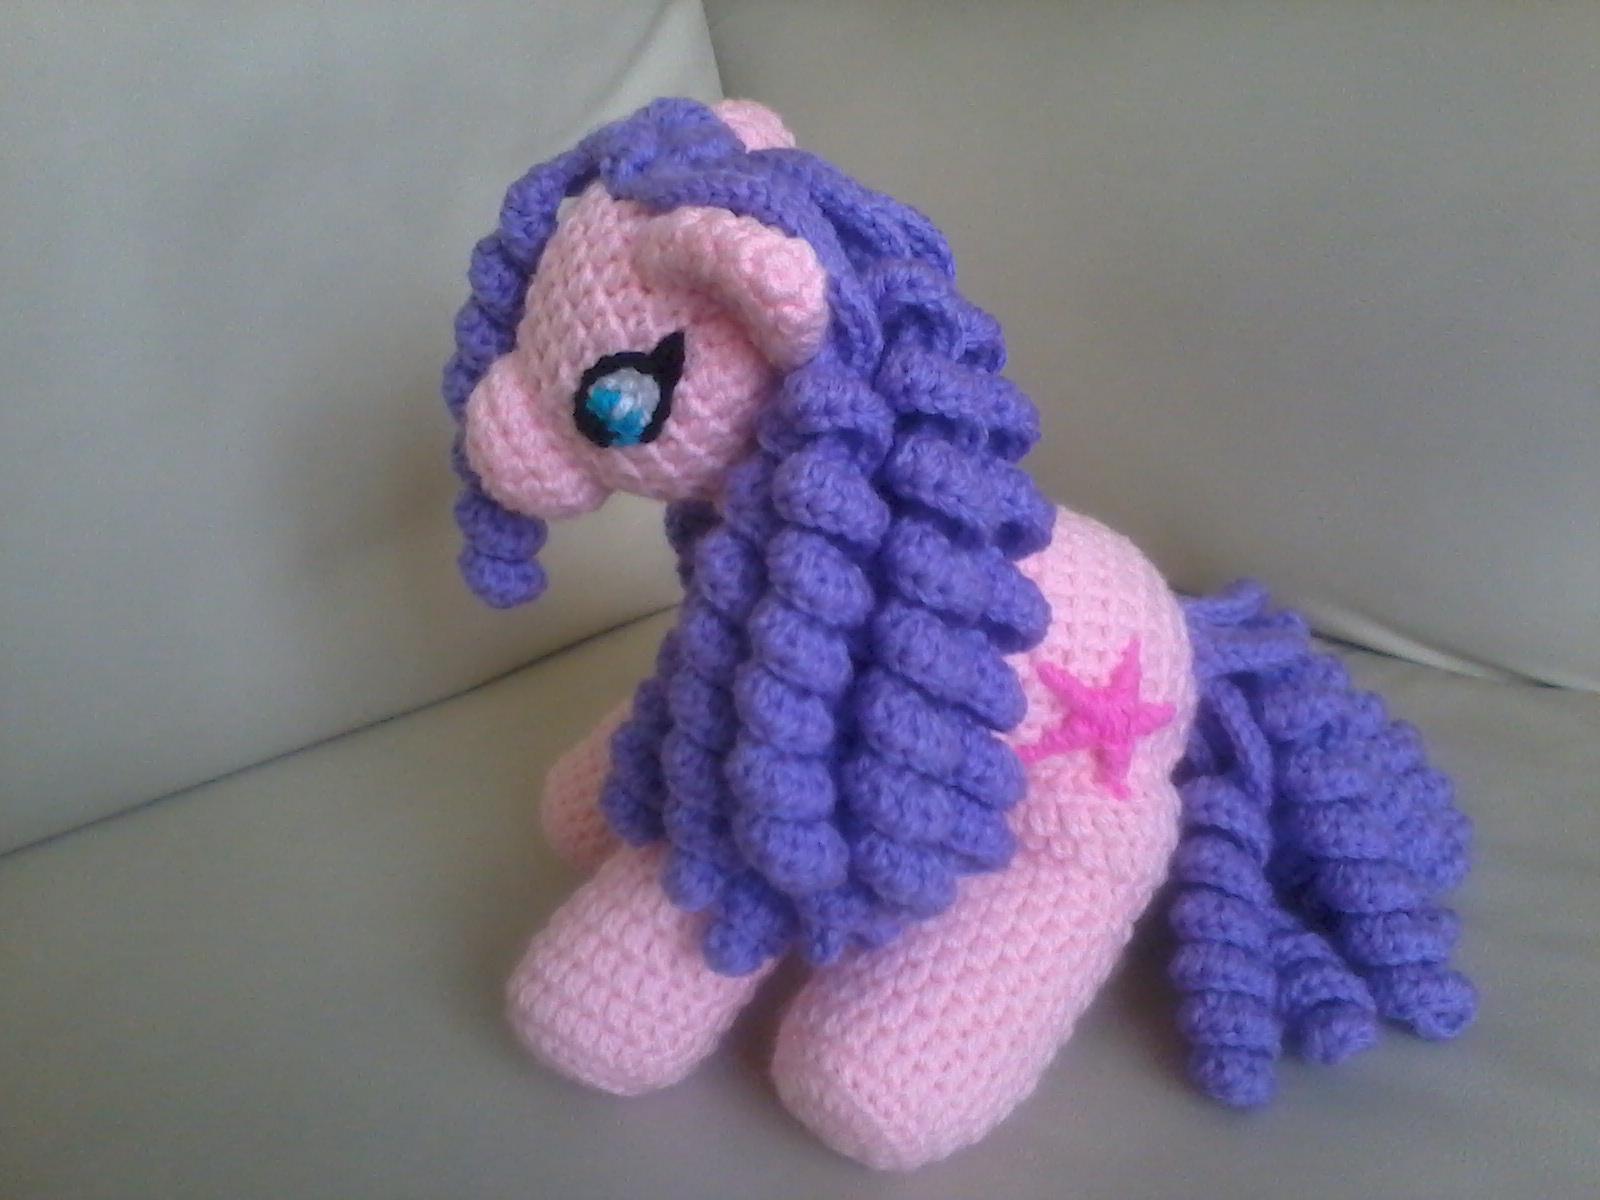 Ponytail Amigurumi : Creaciones y tejidos de Maggie: Pony Amigurumi